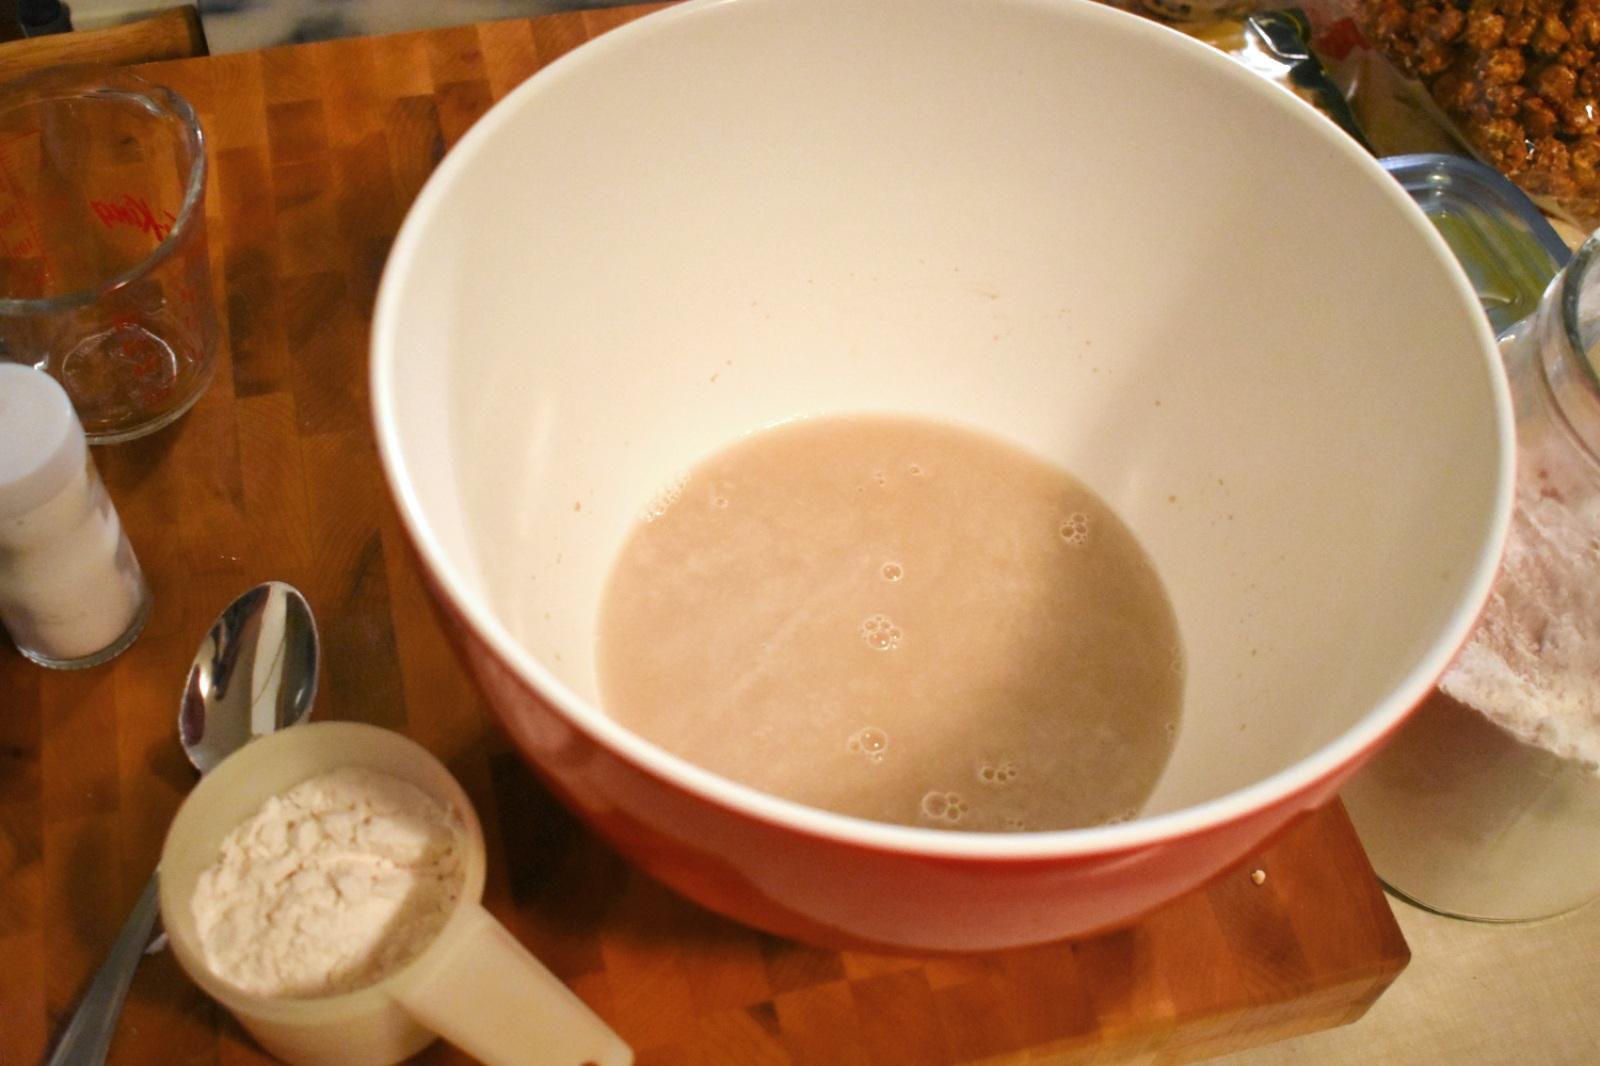 Pâte à pizza prête en 5 minutes - Auboutdelalangue.com (2)